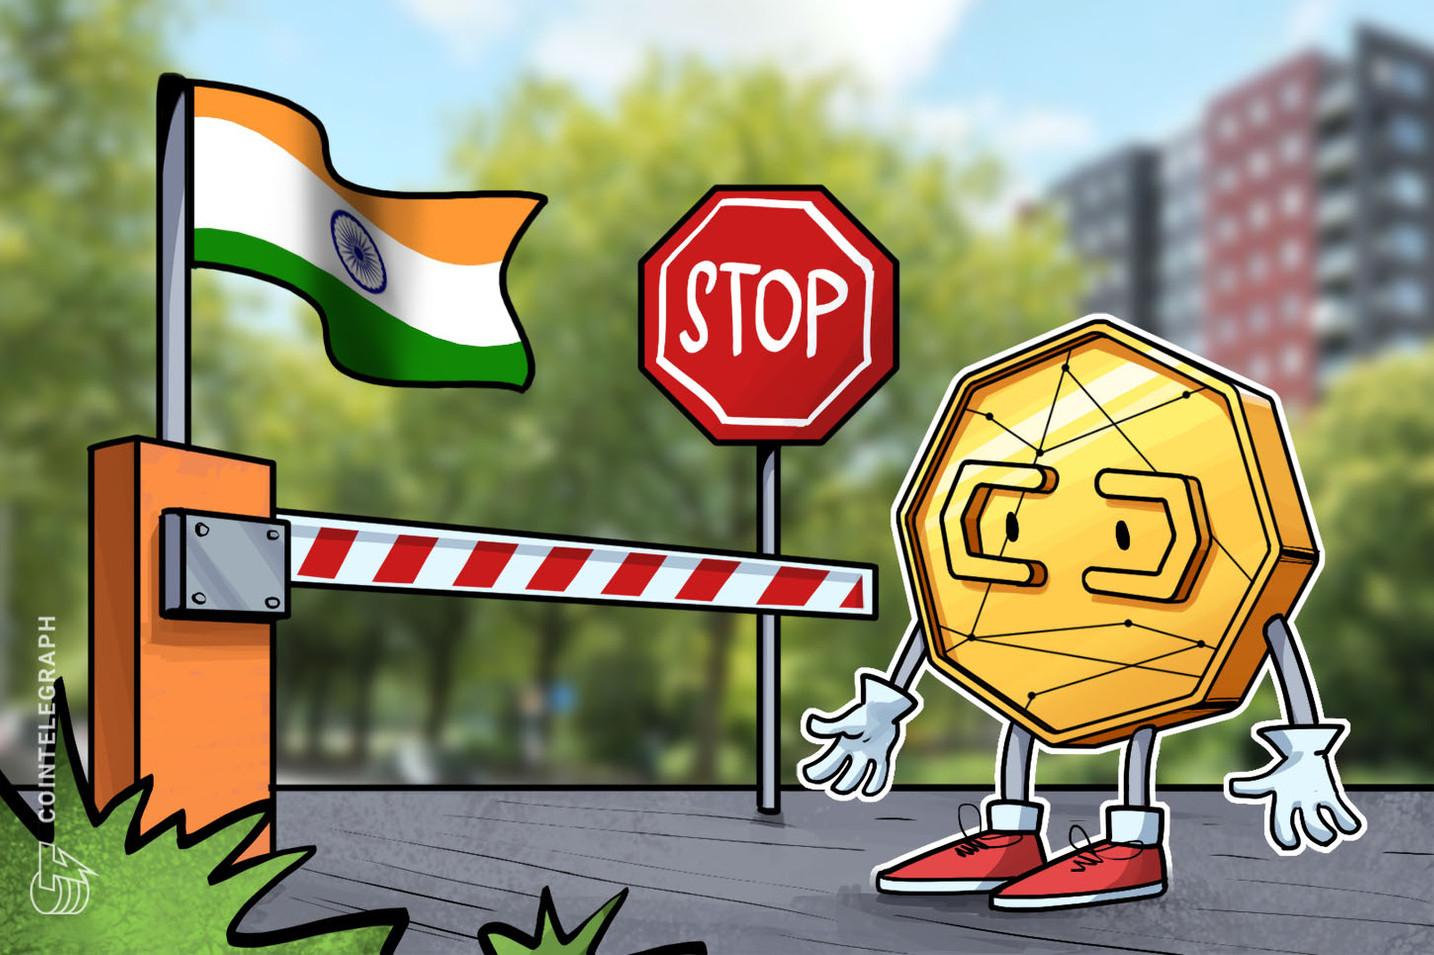 インドの一部銀行、違憲判断に従わず仮想通貨取引の処理を拒否